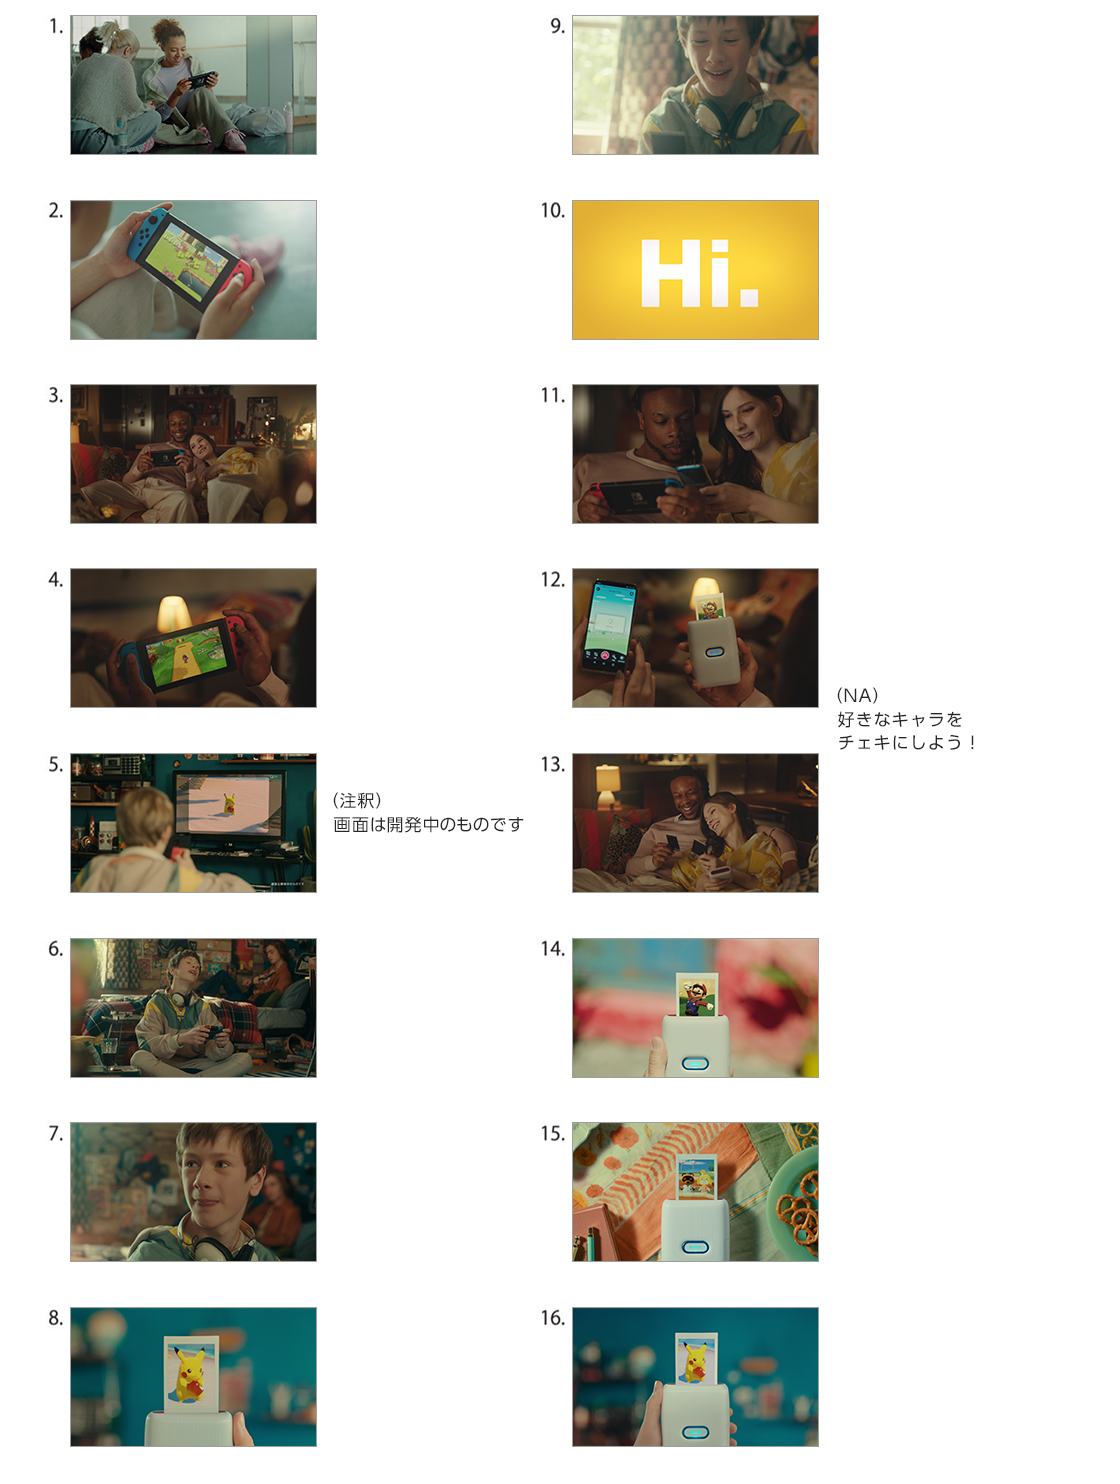 """【ストーリーボード】 instax""""チェキ""""TVCM「キャラチェキしよ!」篇(30秒)前半"""